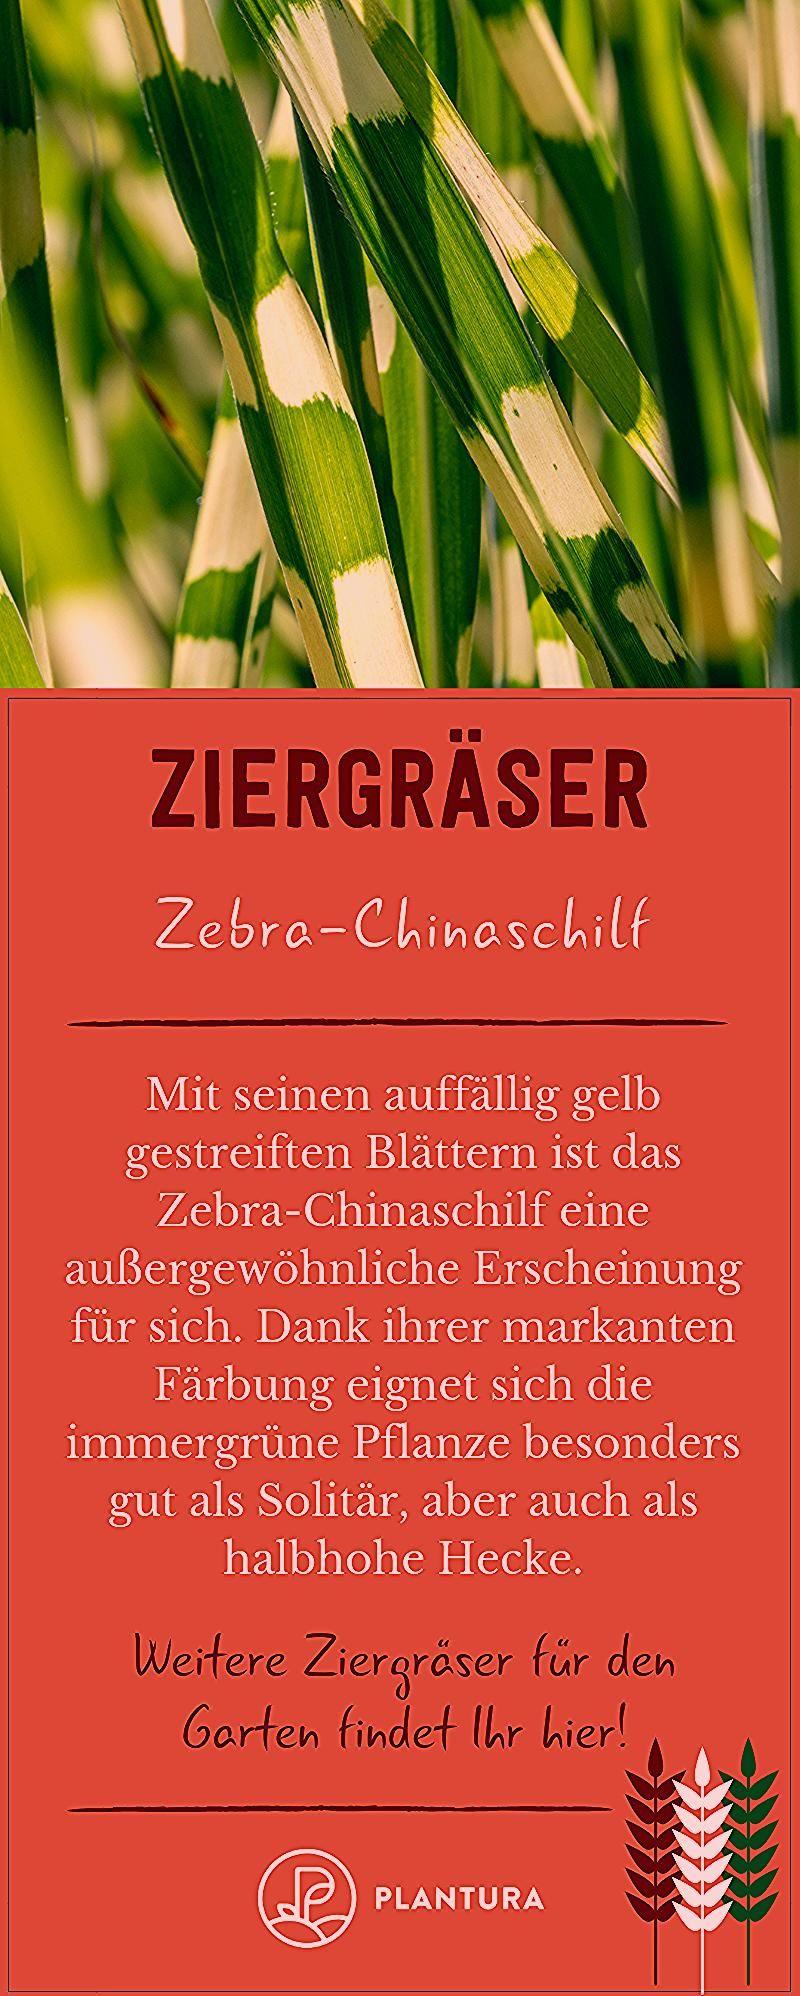 Photo of Ziergräser für den Garten: Die 10 schönsten – Plantura